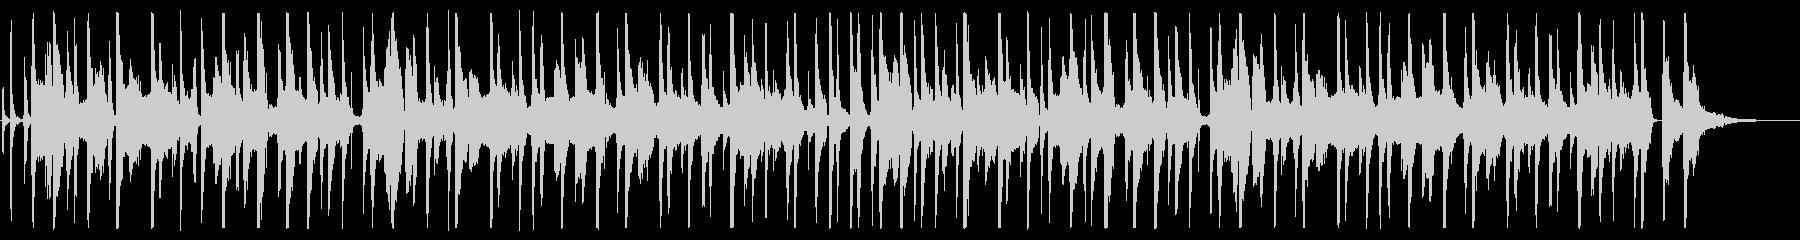 カズーとジューズハープのオチャラケソングの未再生の波形